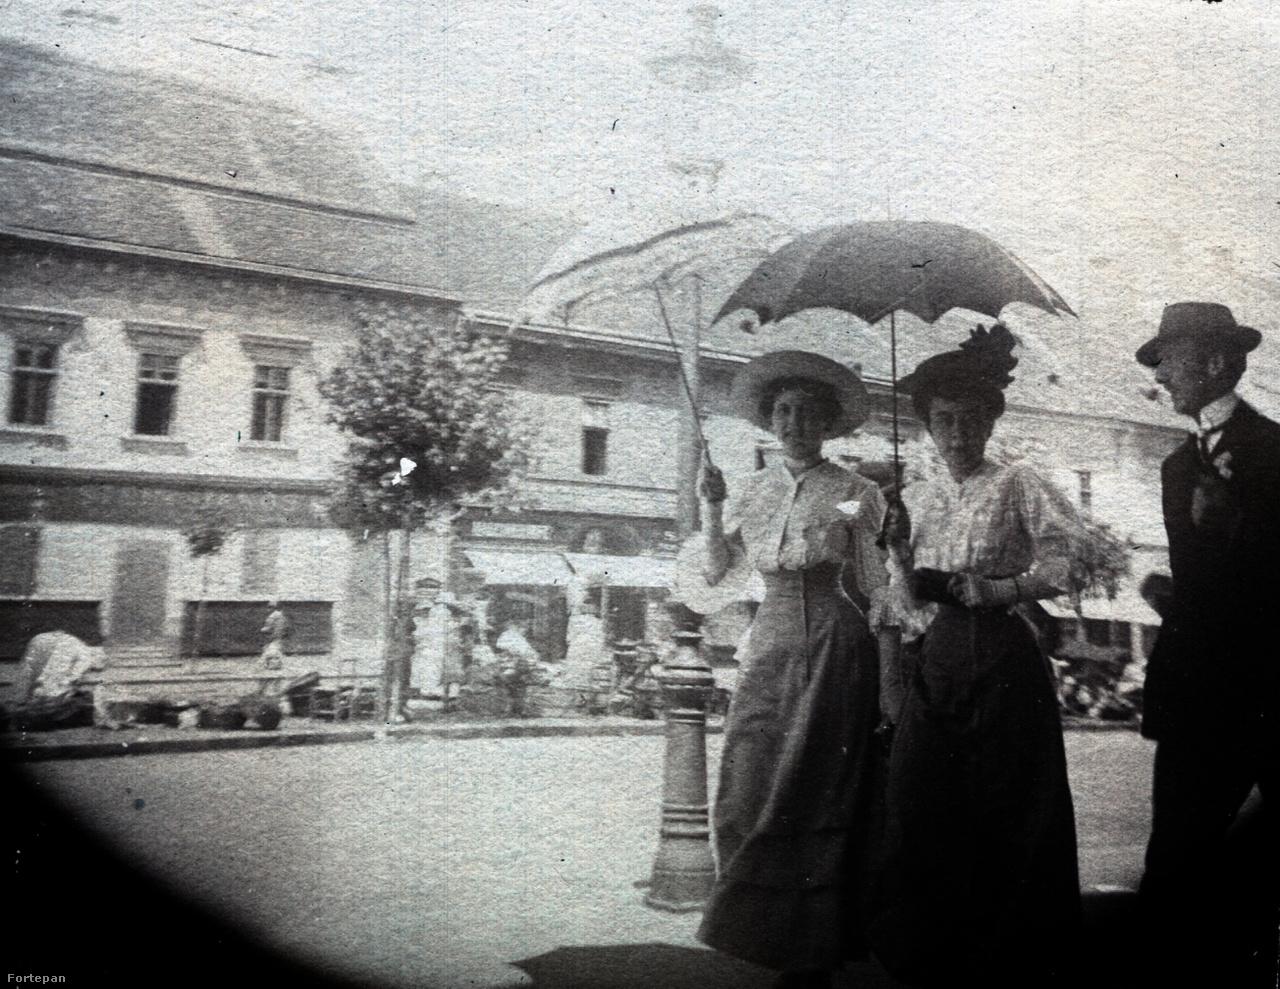 """Leszármazottaik azonosították a képbe besétáló napernyős csapatot. Eszerint Krajnai Hudolin Emmát, mellette Törös Marcsát, a kolozsvári opera szopránját láthatjuk férjével, Krajnai Hudolin Lajos, ügyvéddel. A járda szélén vásározó emberek és a bezárt bolt ajtók alapján vasárnap lehetett. A bolt cégérén Stein János nevét betűzhetjük ki, aki a 19. században Kolozsvár legmenőbb papír- és könyvkereskedését vezette, mely mellékesen könyvkölcsönzéssel is foglalkozott. Gyulai Pál szerint a könyvesbolt a város """"szellemi kocsmája"""" volt."""